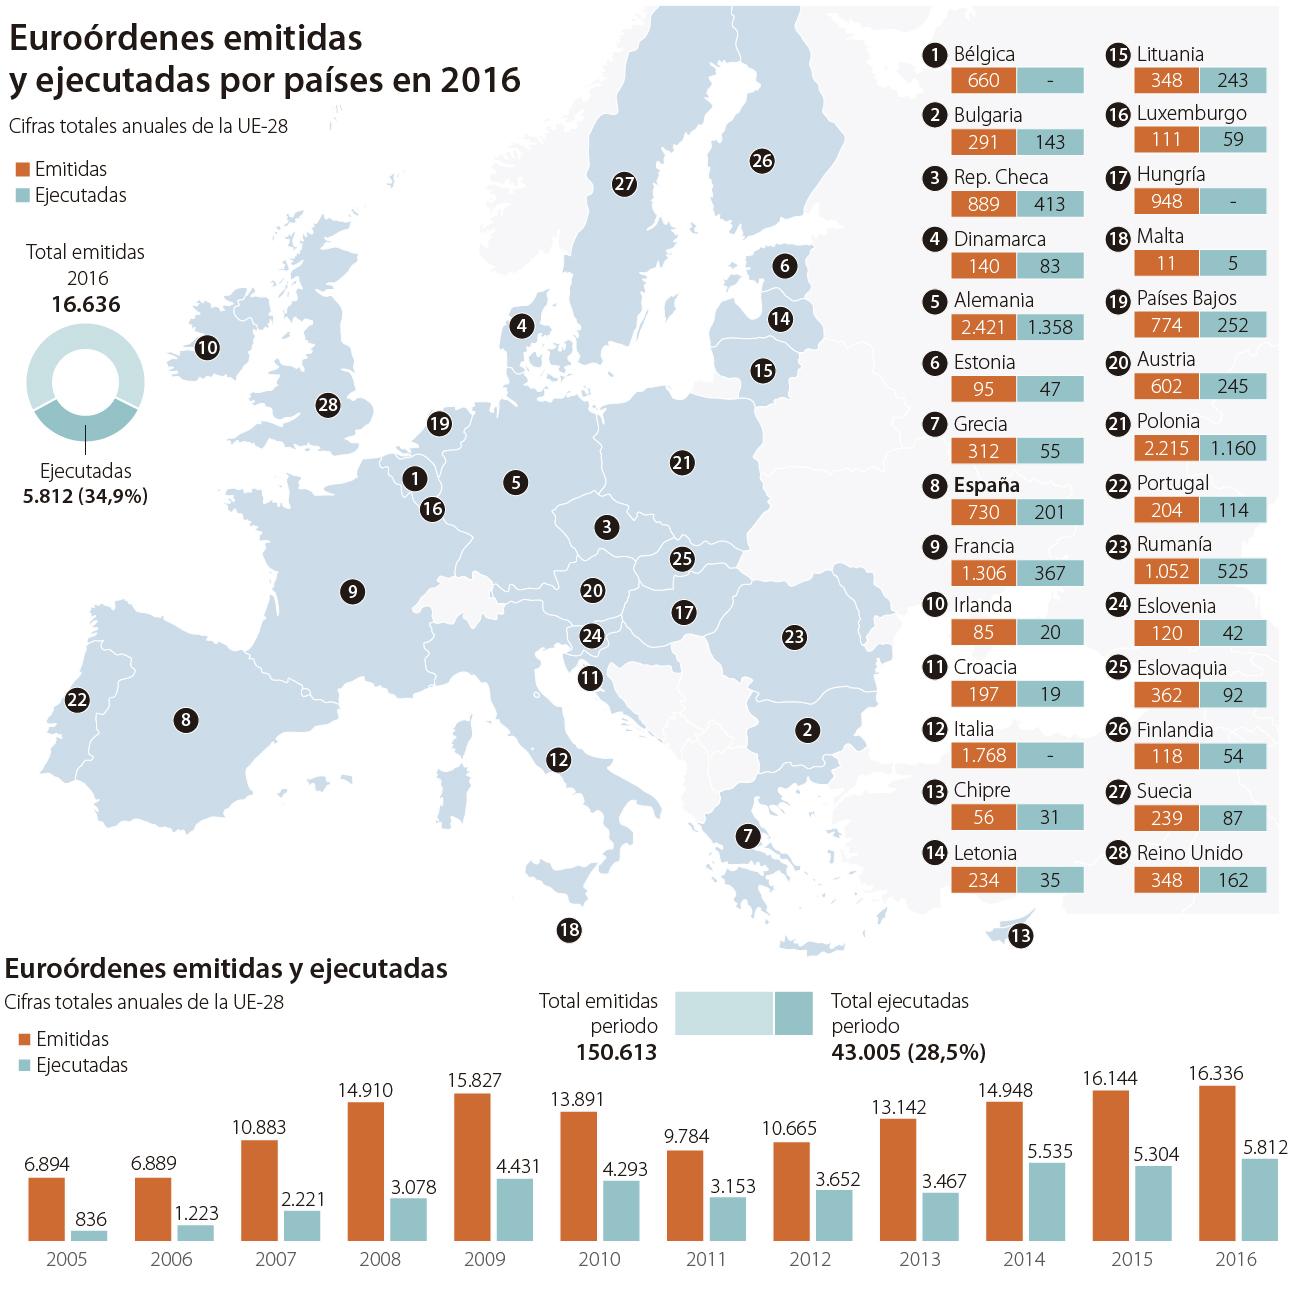 Último informe de la Comisión Europea sobre la euroorden